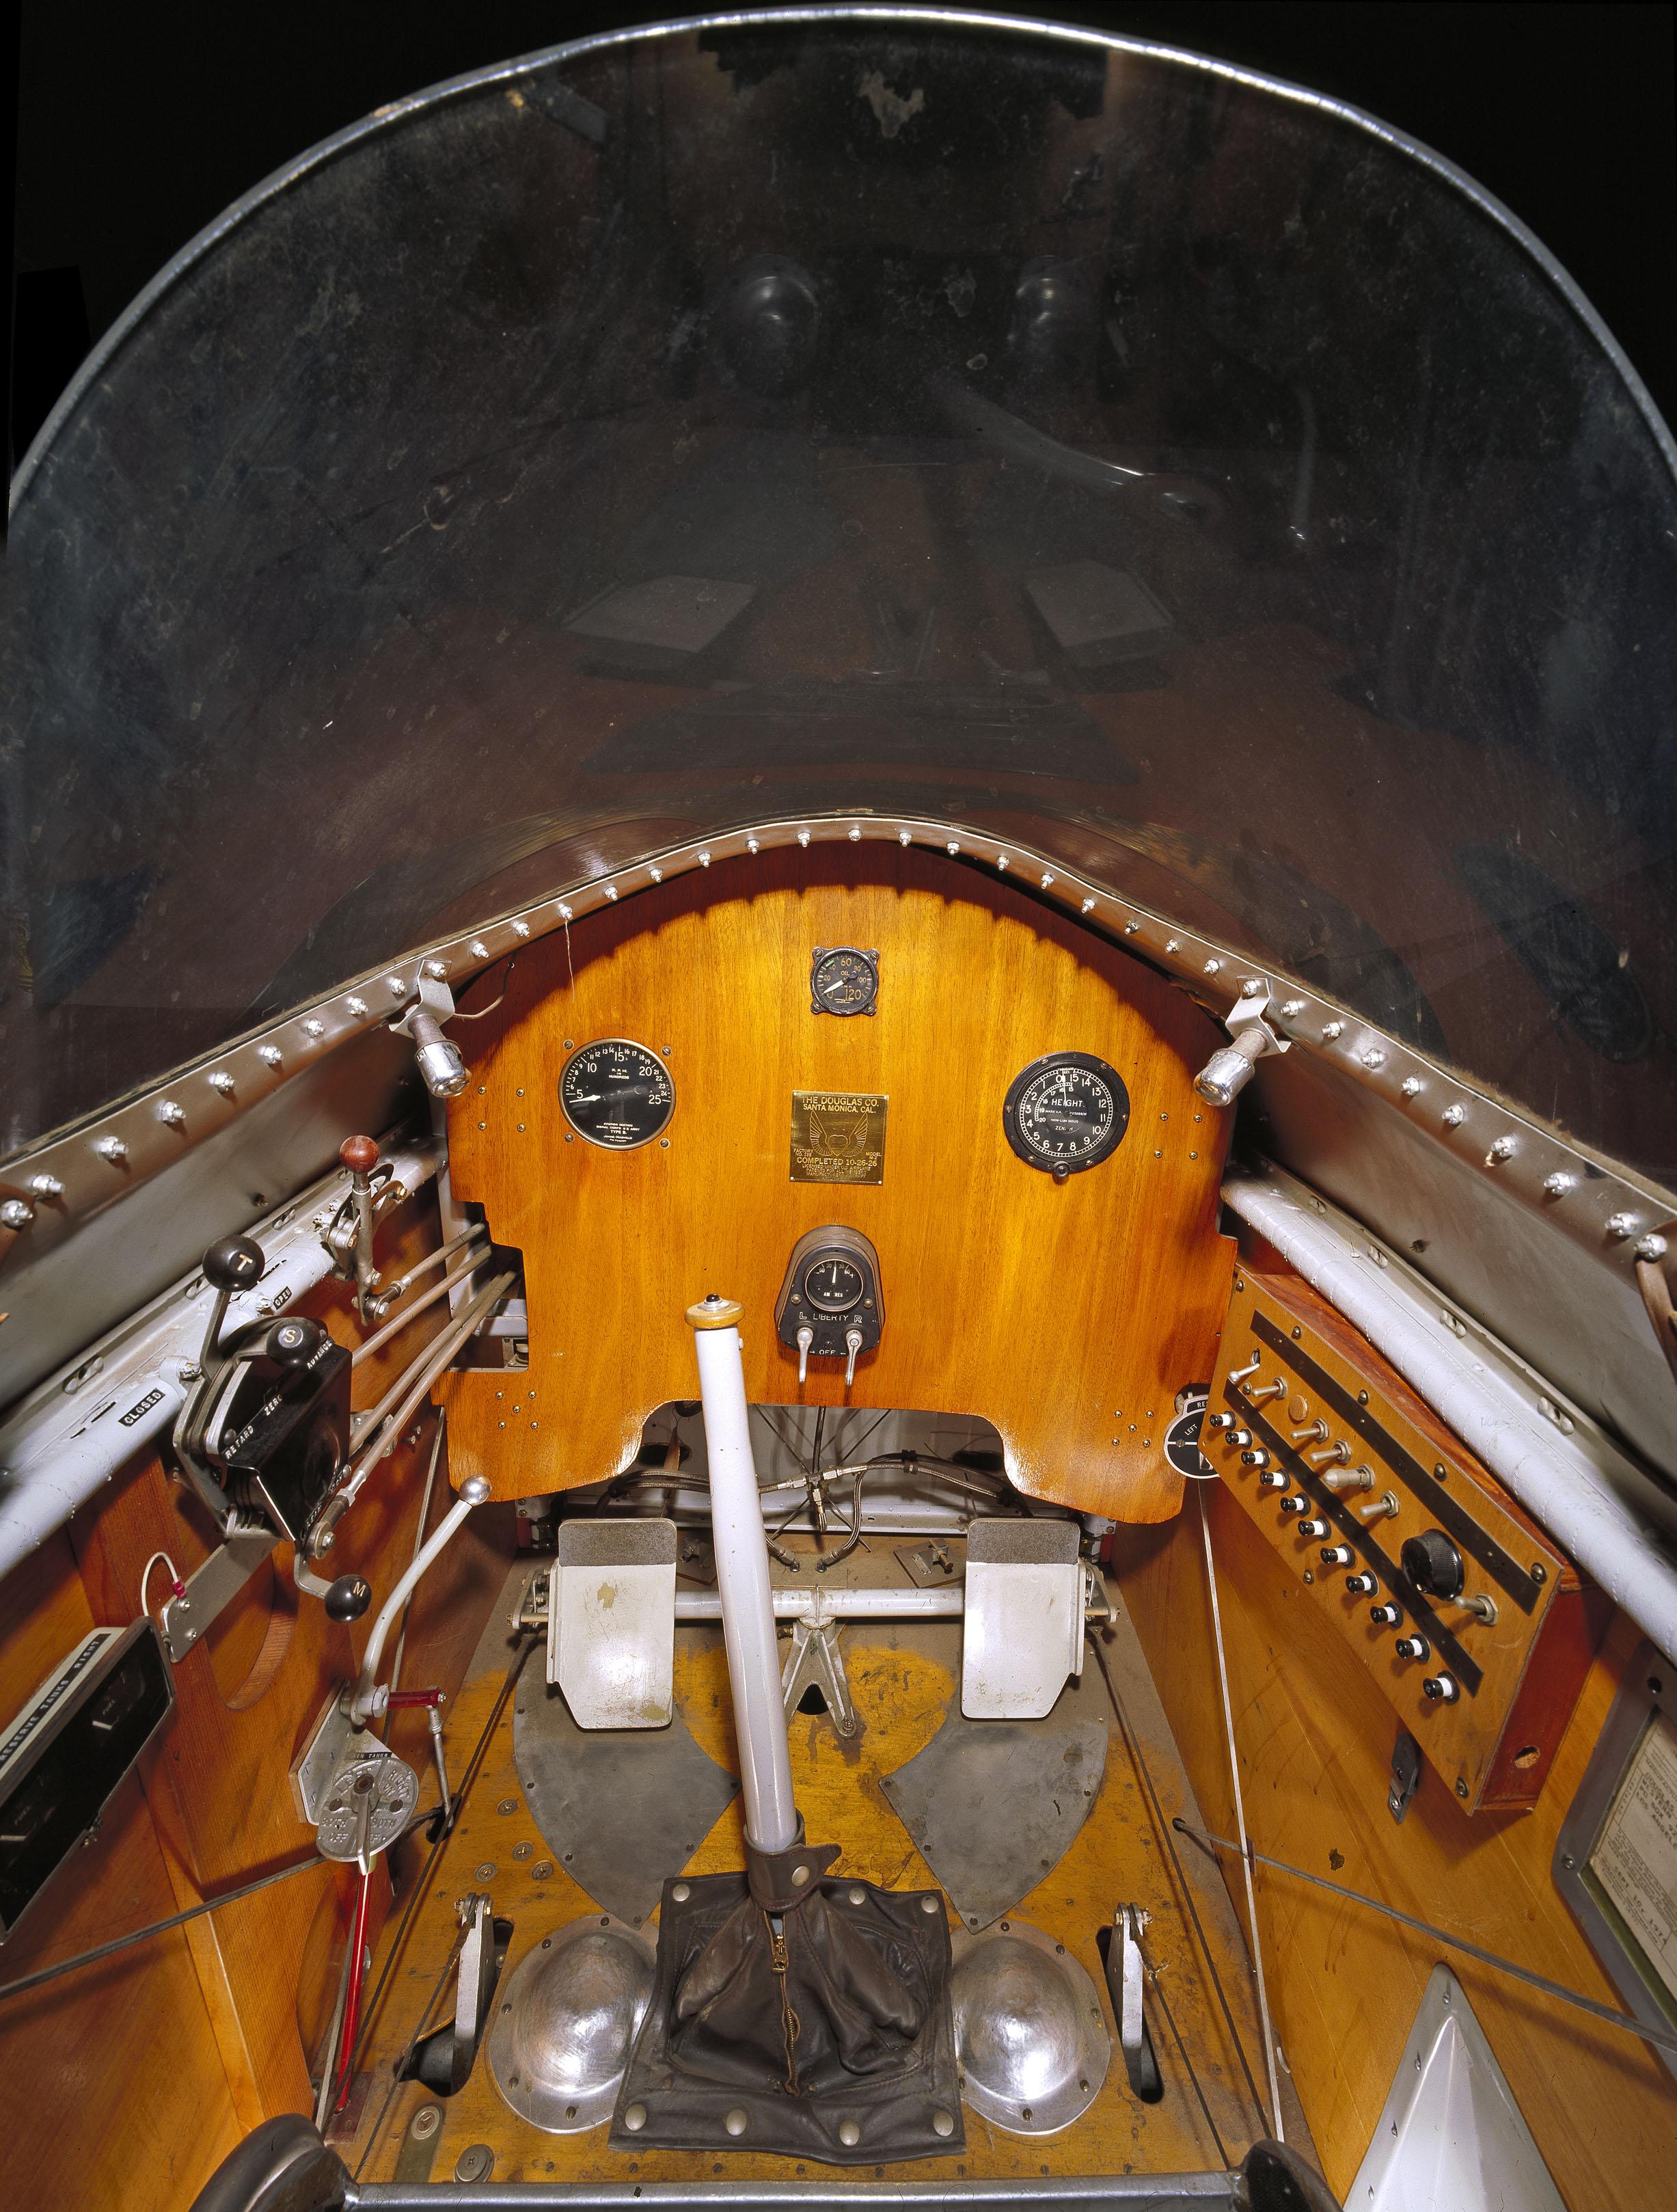 Douglas M-2 Cockpit